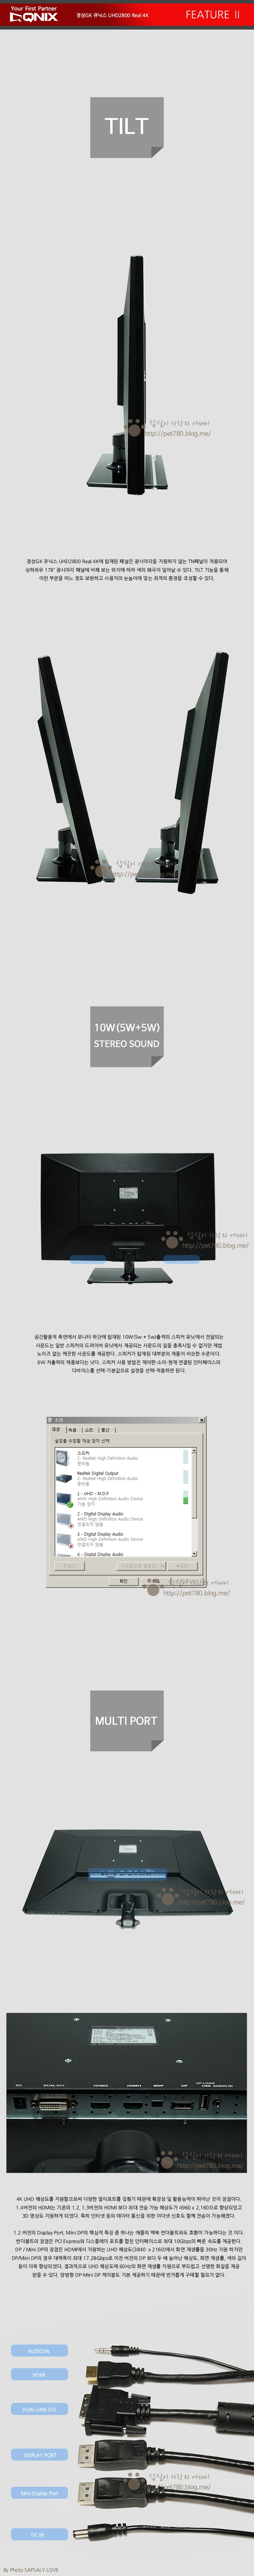 UHD 모니터 특징2 경성GK 큐닉스 UHD2800 Real 4K.jpg